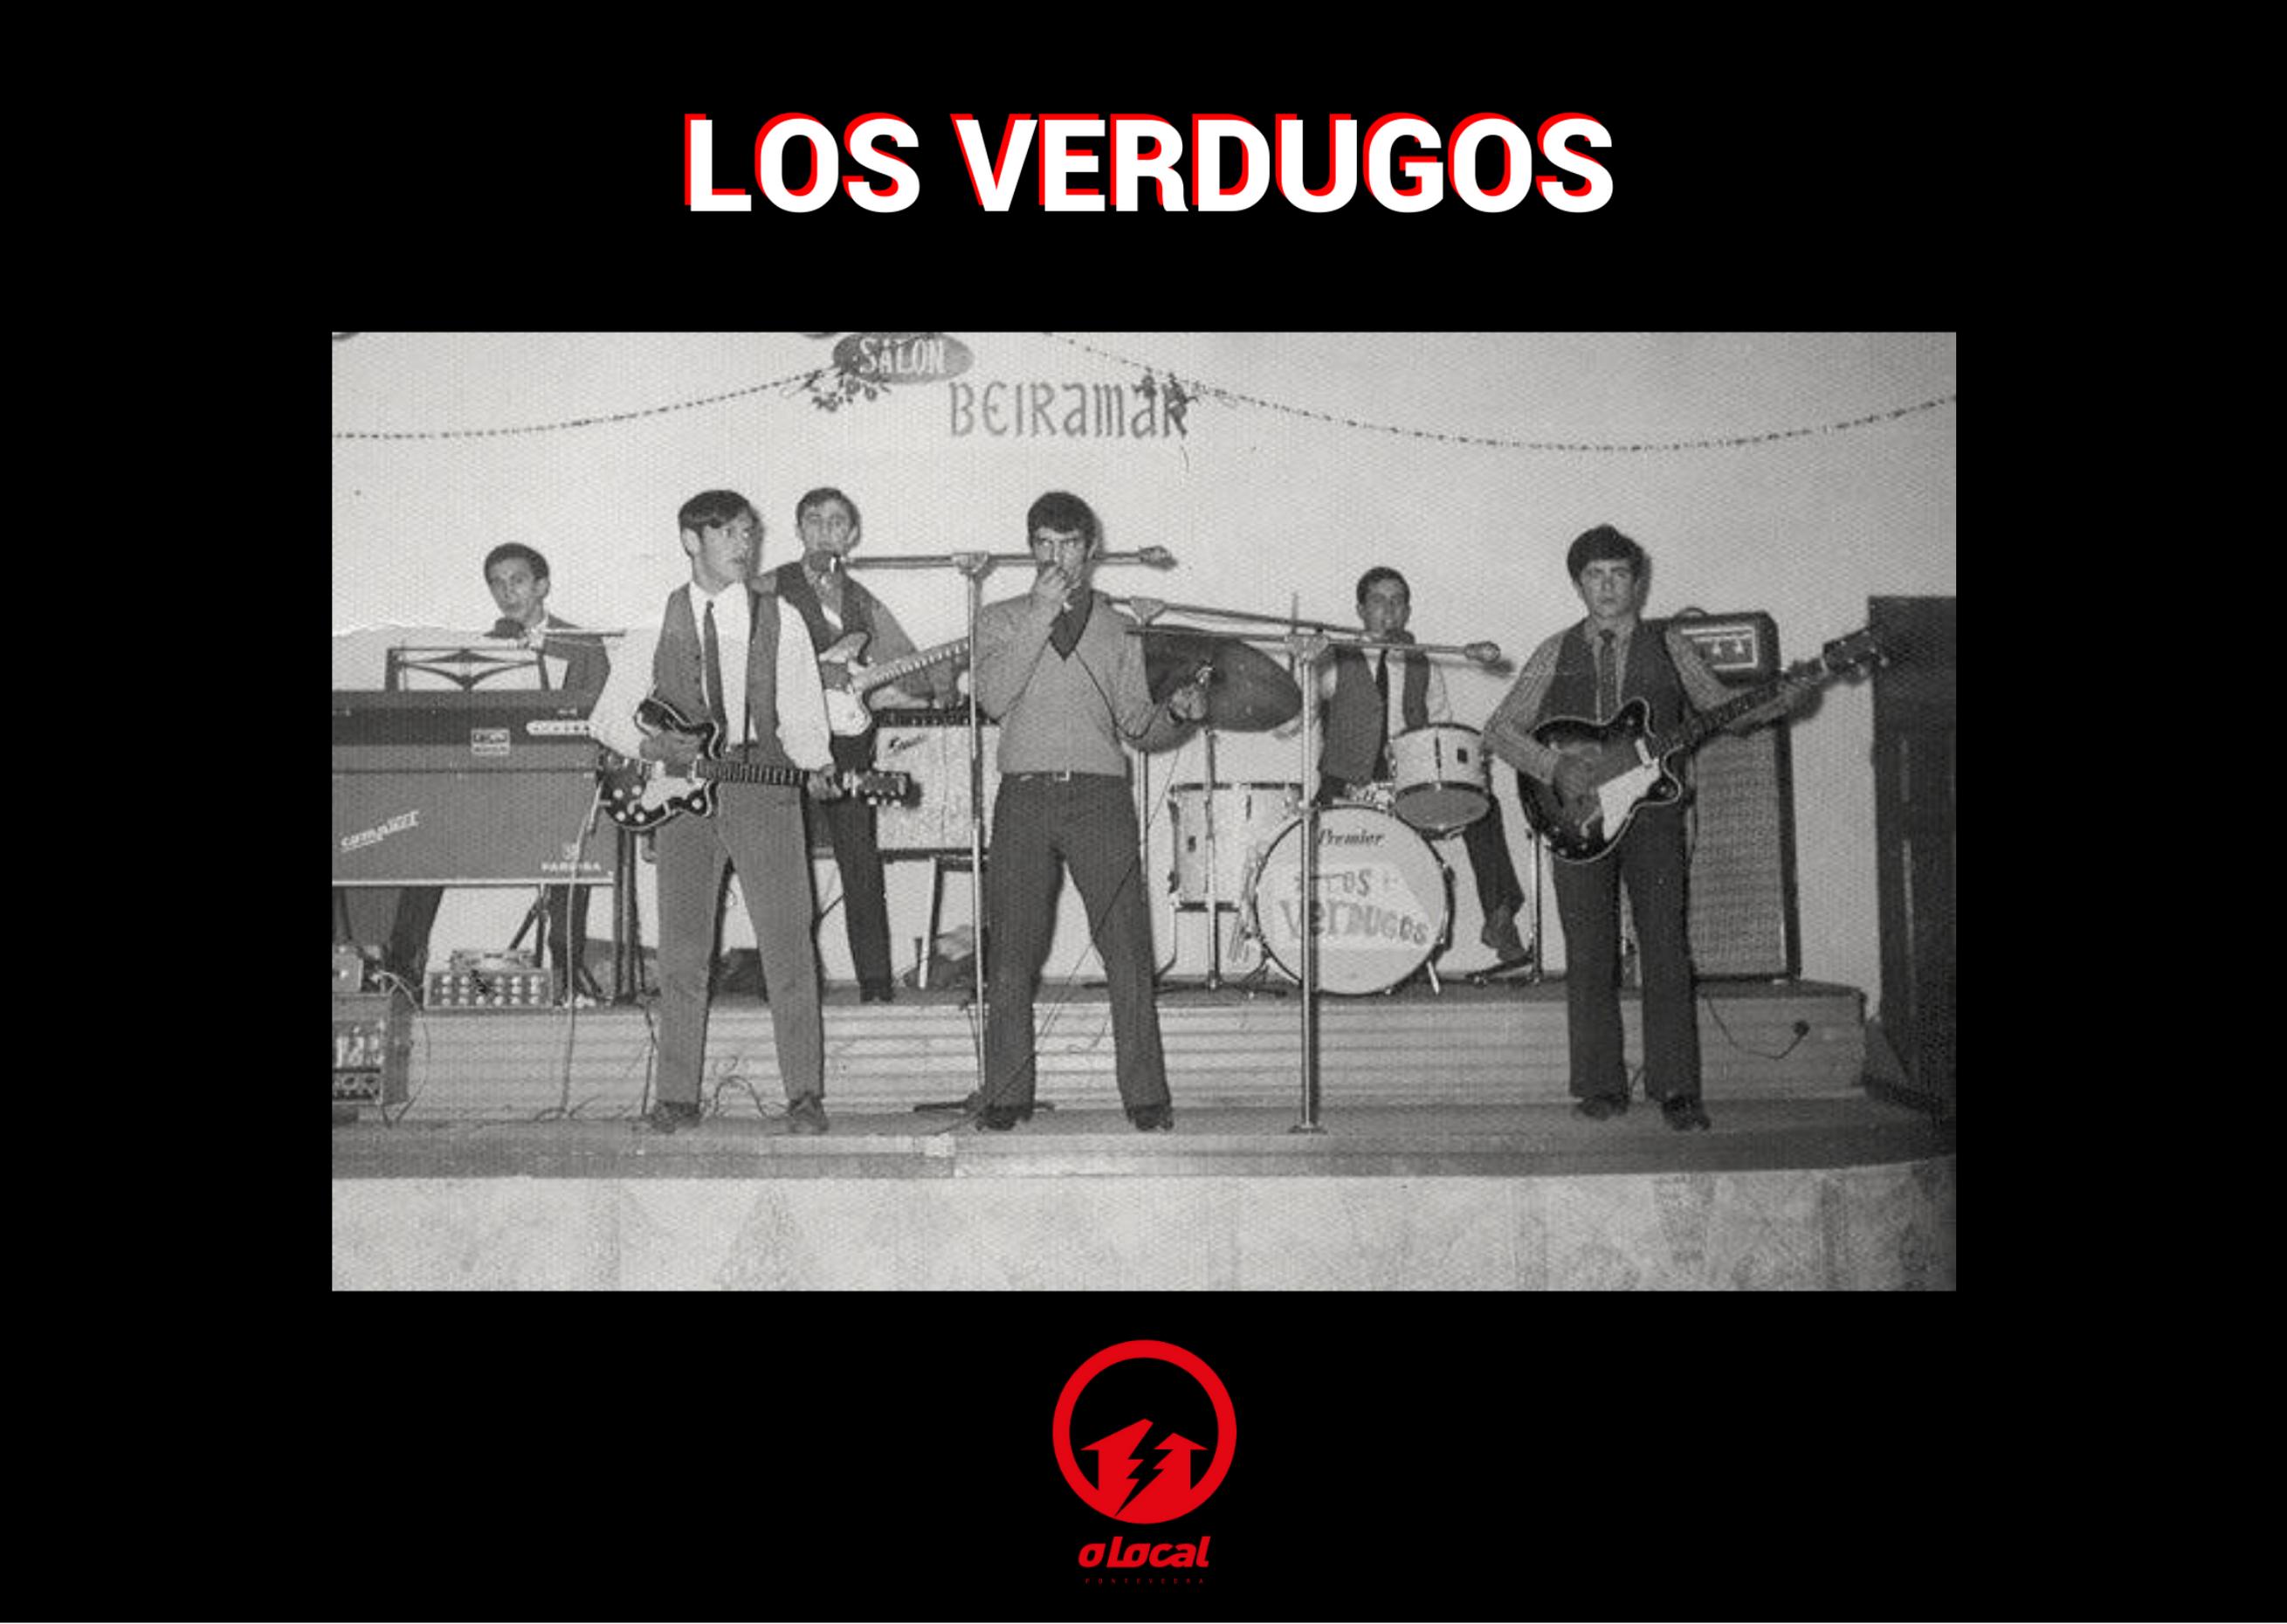 CLASE DE HISTORIA 5: LOS VERDUGOS